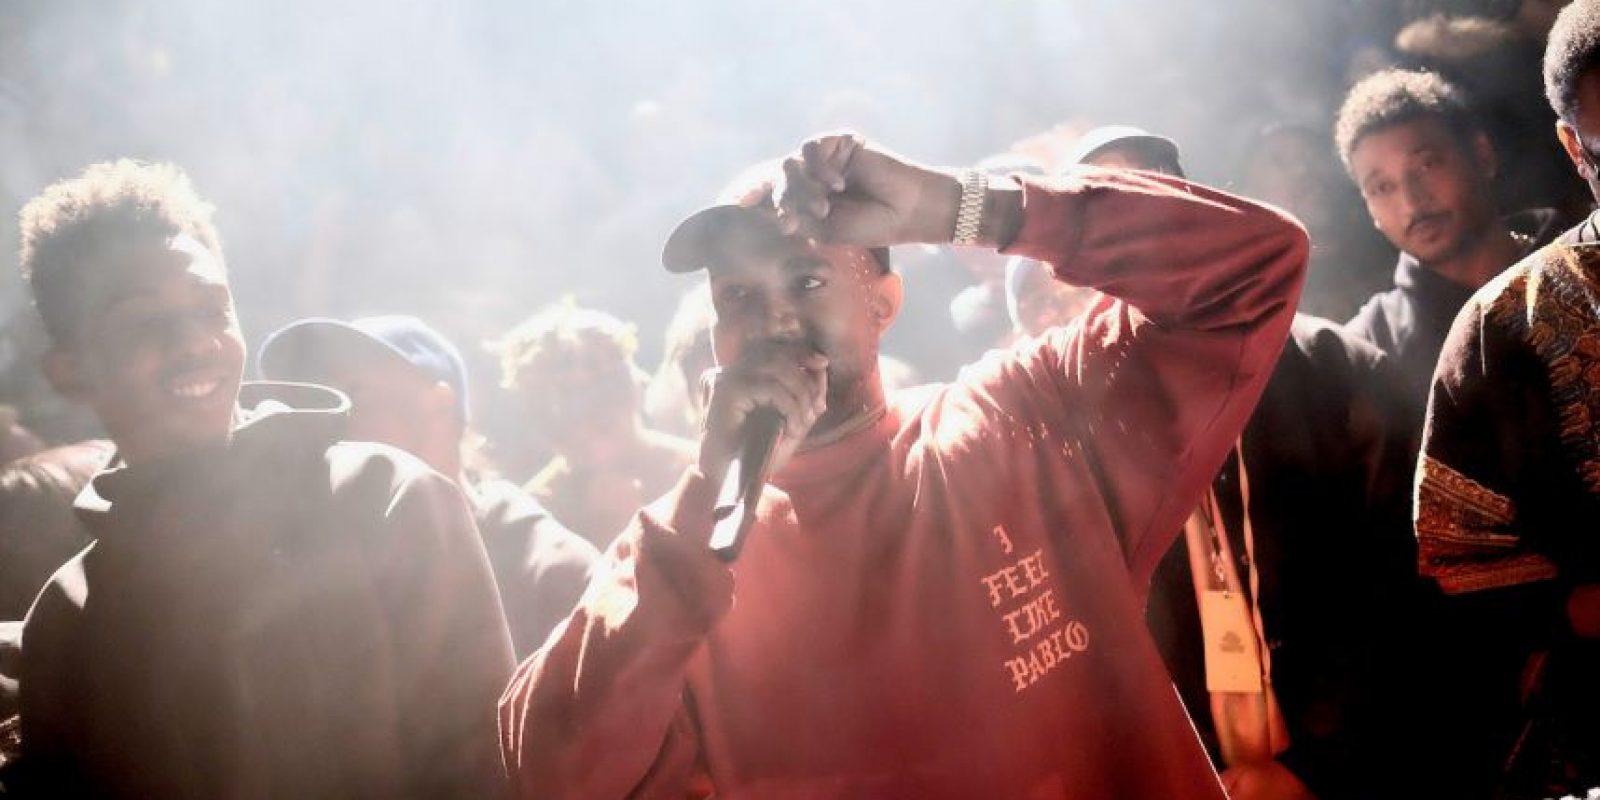 """Kanye West ha estado en el ojo del huracán a la par que lanzó su más reciente material discográfico: """"The Life of Pablo"""". Desde el misterio de a cuál """"Pablo"""" se refiere (si Picasso o Escobar), hasta la letra de la canción """"Famous"""", donde critica a Taylor Swift. Foto:Getty Images"""